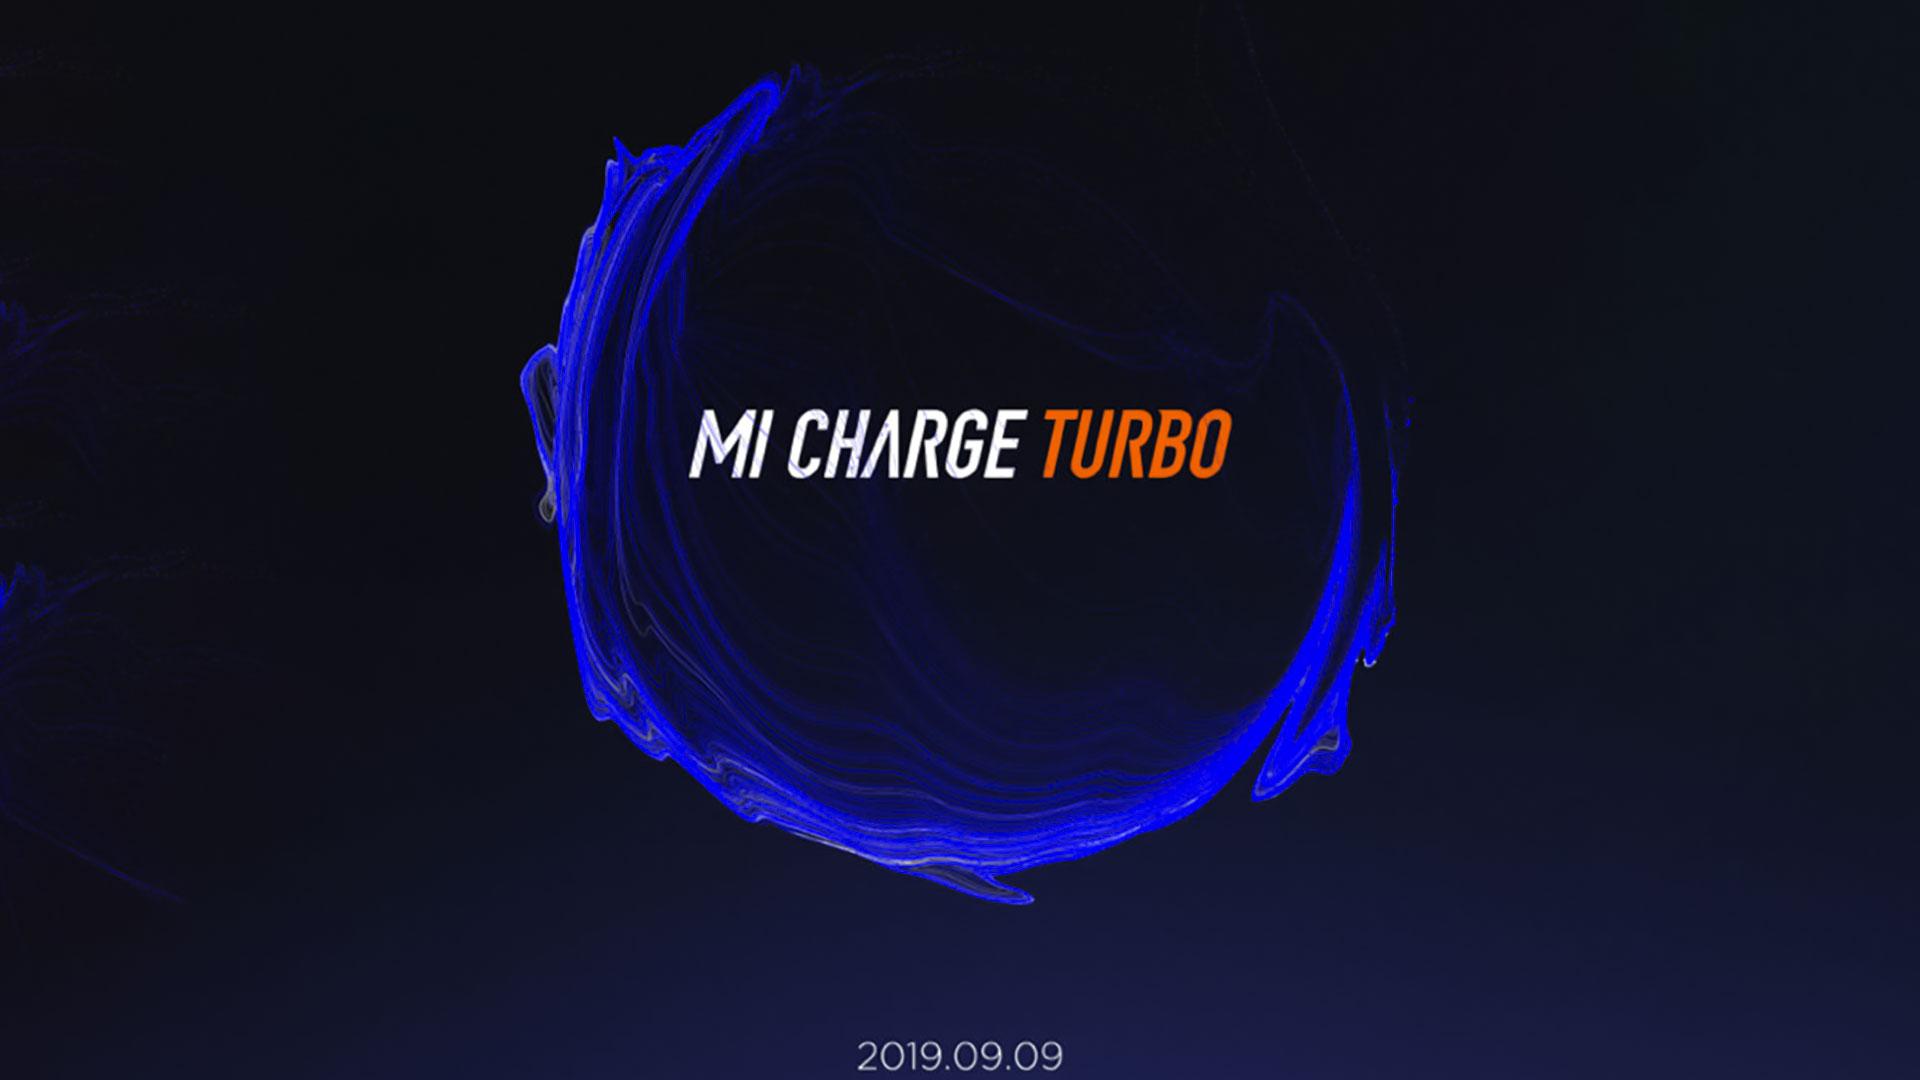 شیائومی Mi Charge Turbo